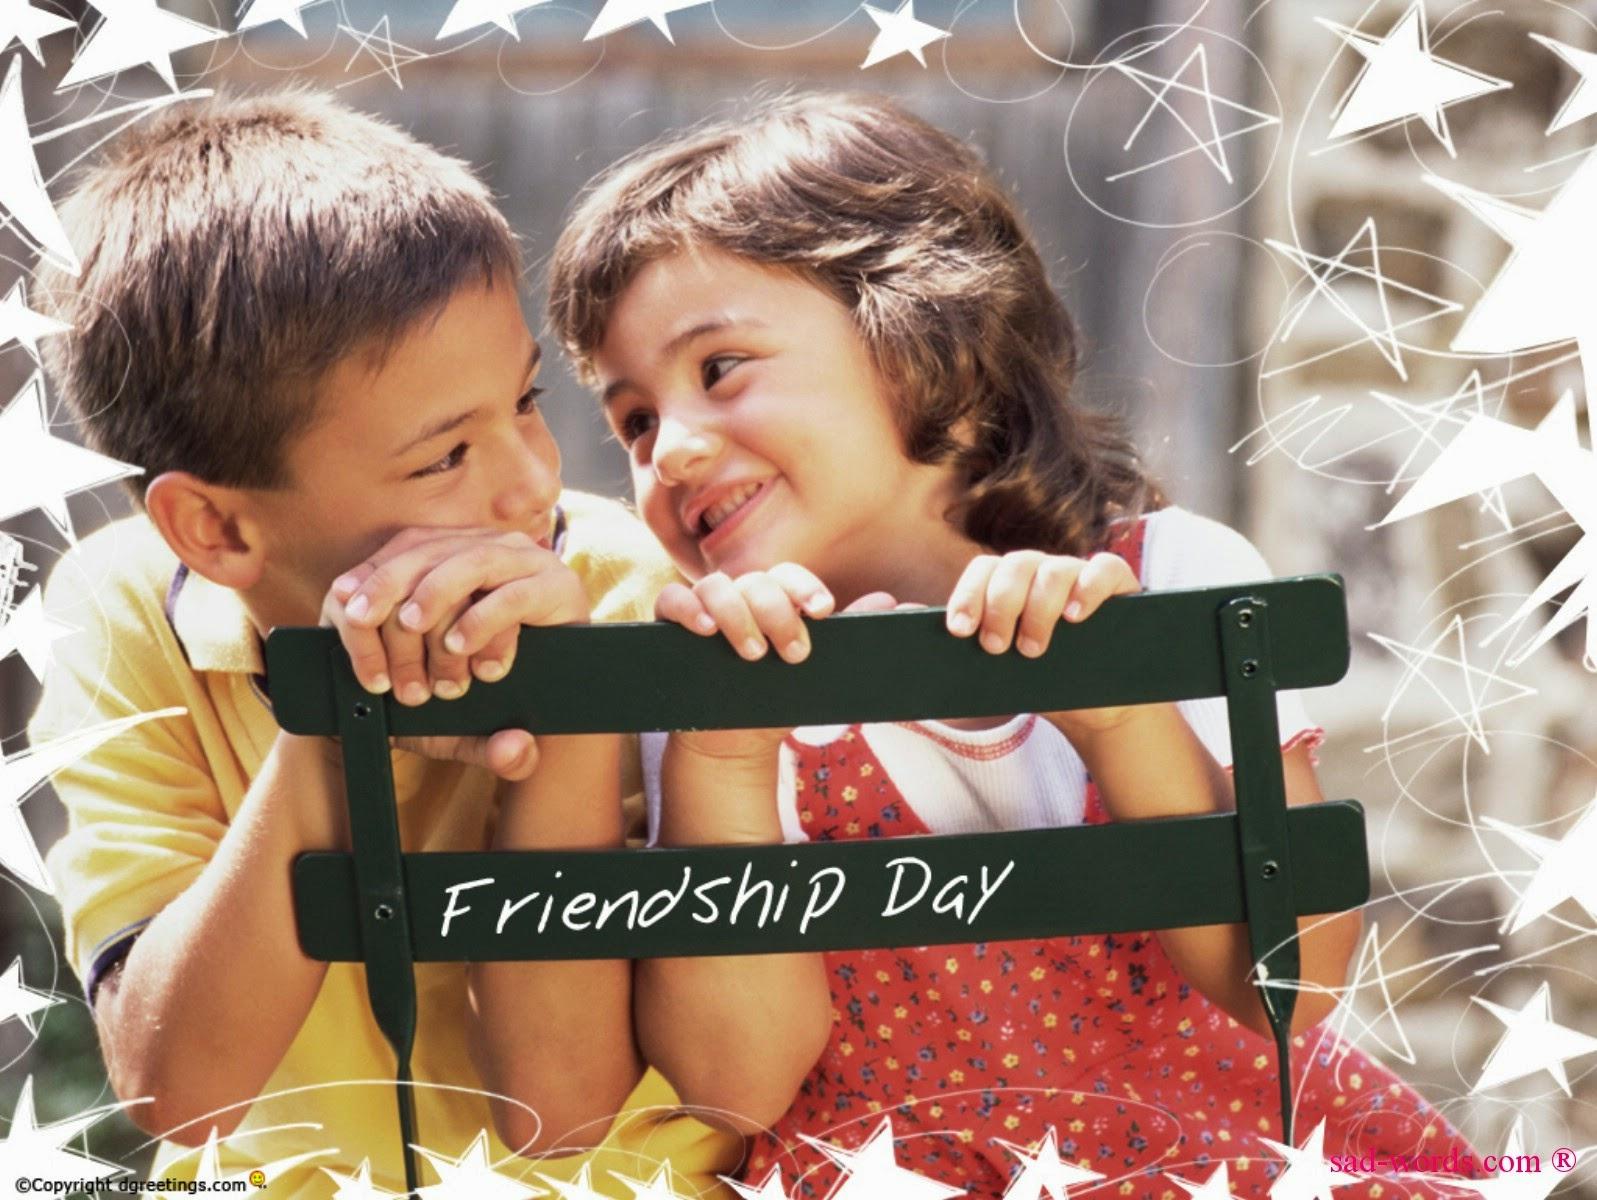 بالصور صور معبرة عن الصداقة , اجمل العبارات عن الصداقة 3412 6